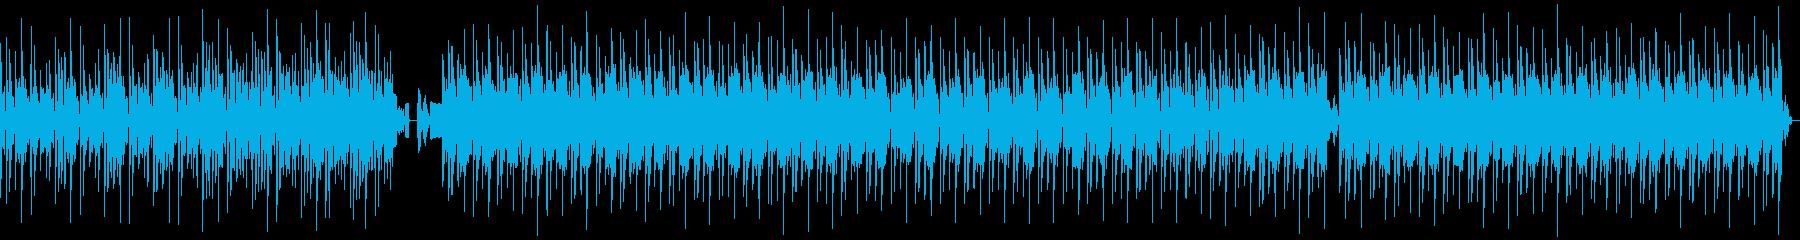 ソフトジャングル。ディープクラブハウス。の再生済みの波形